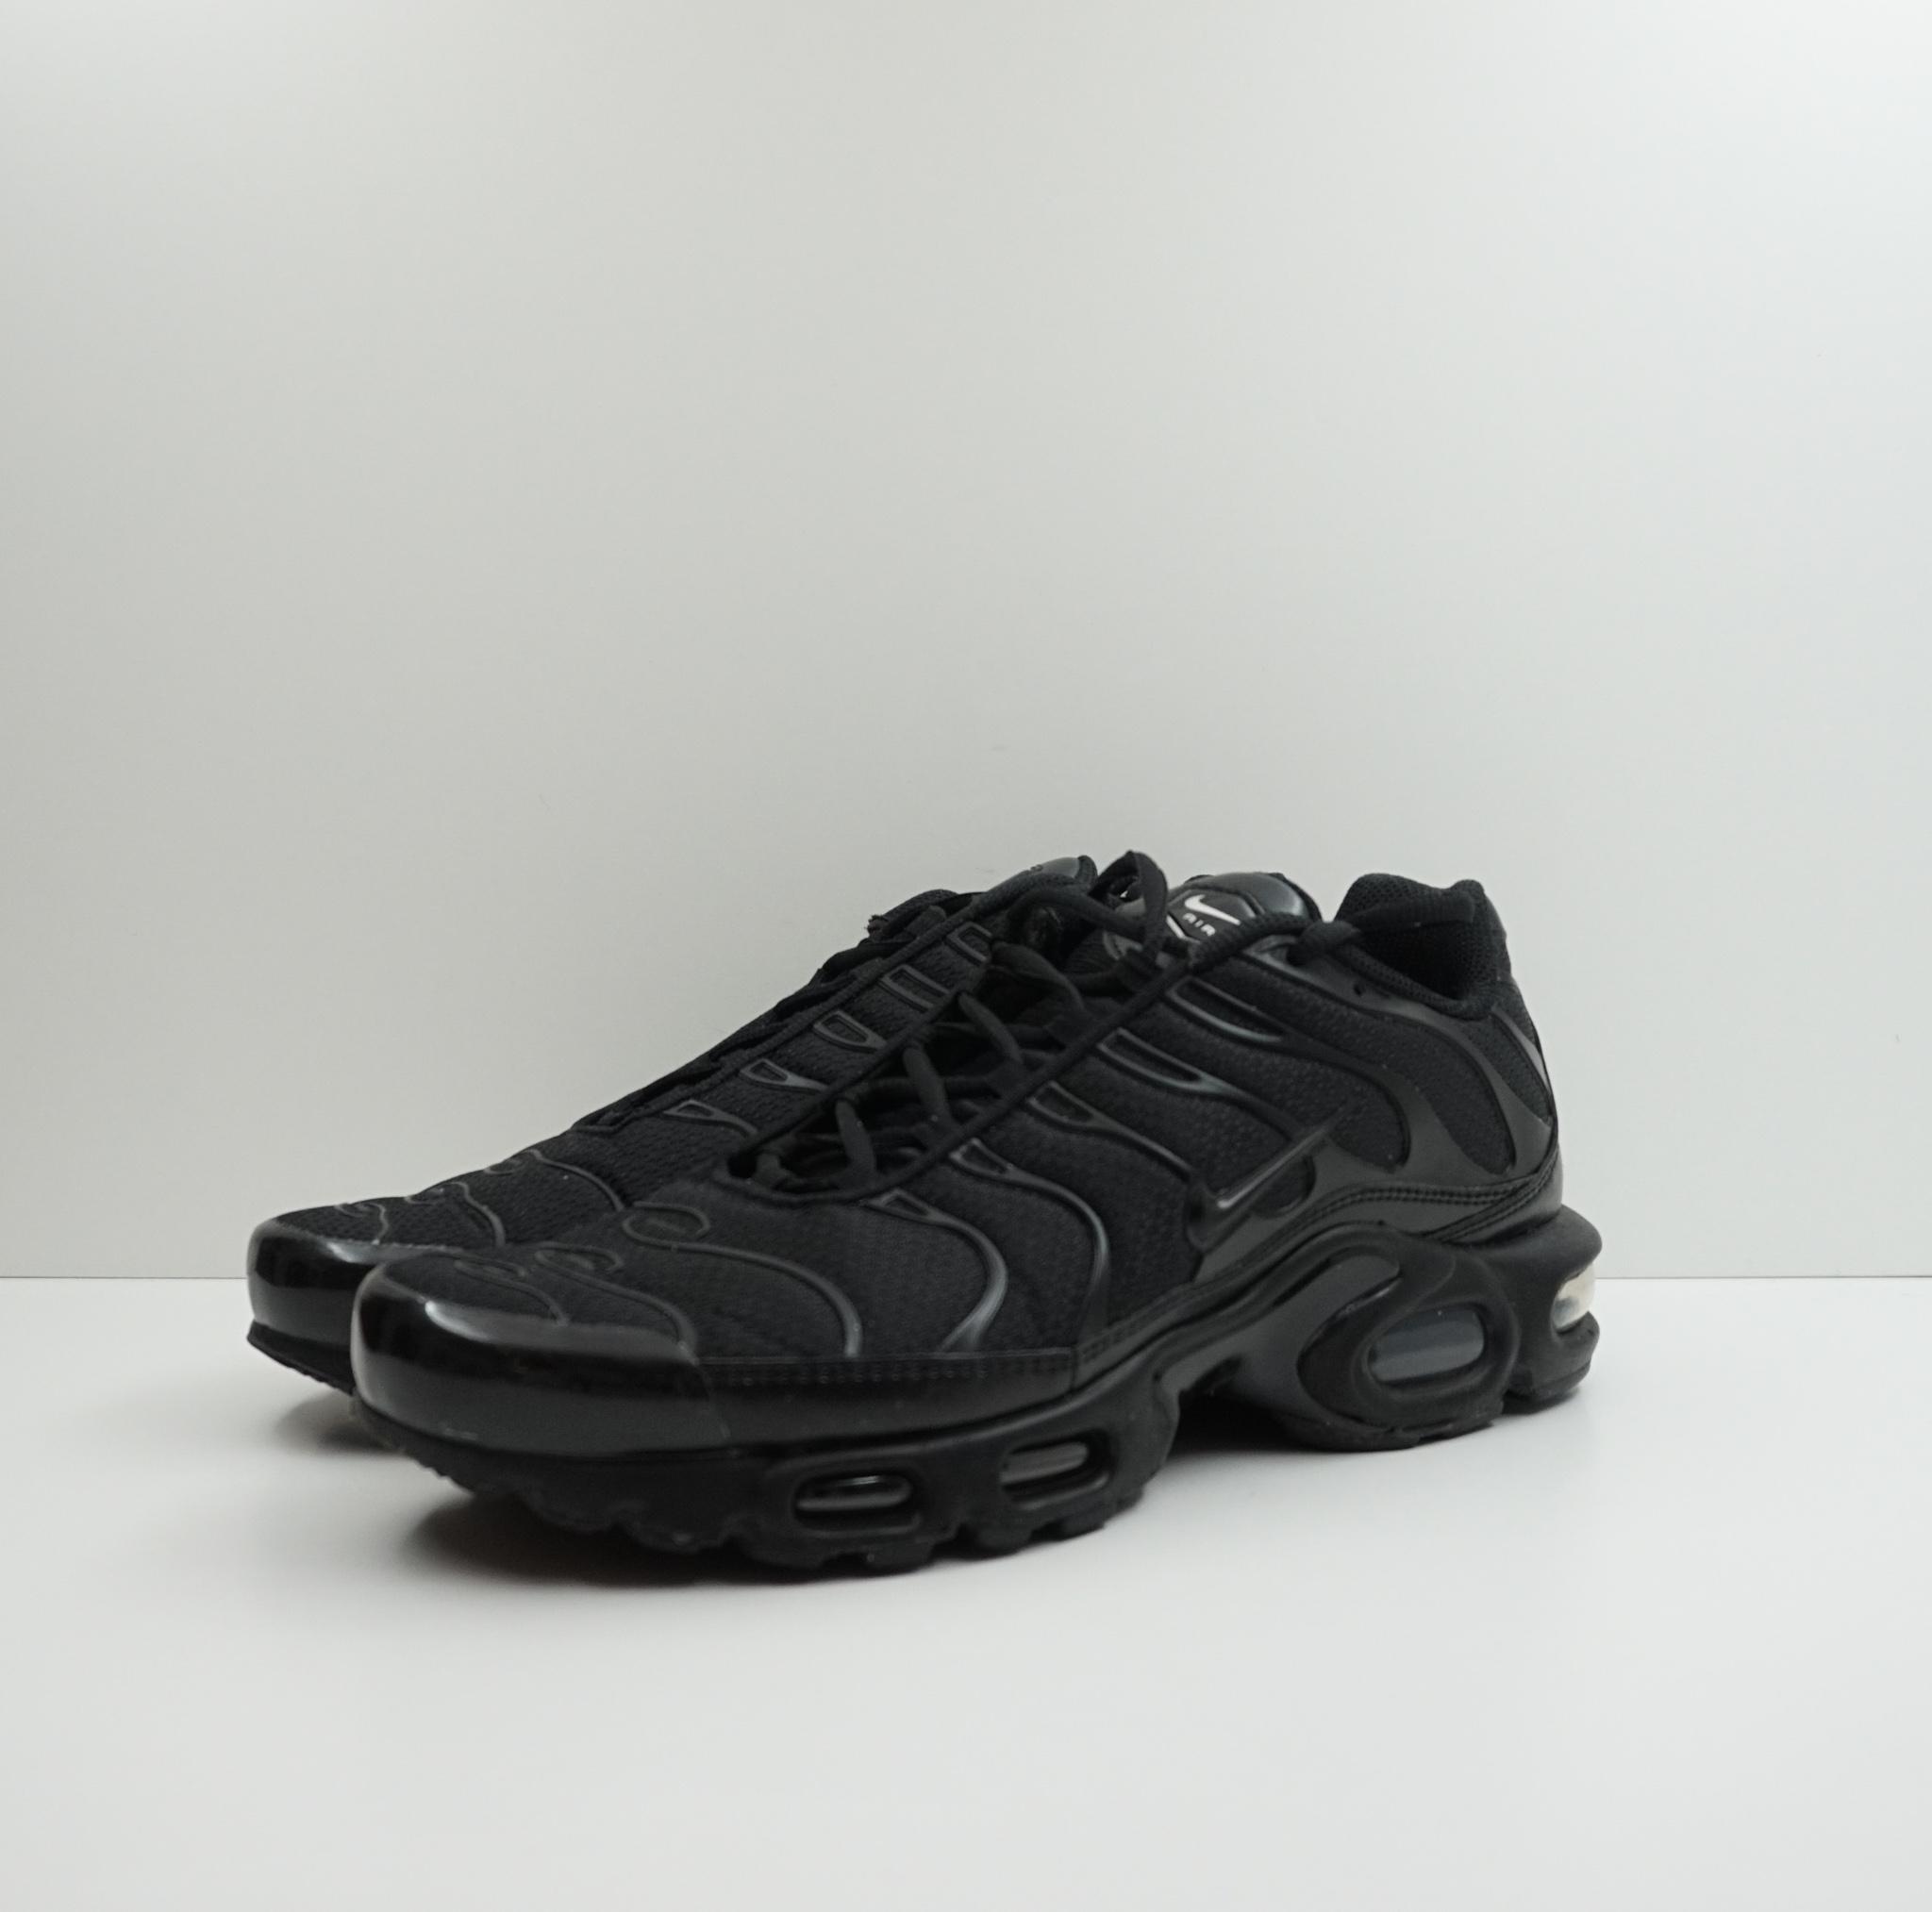 Nike Air Max Plus TN Triple Black